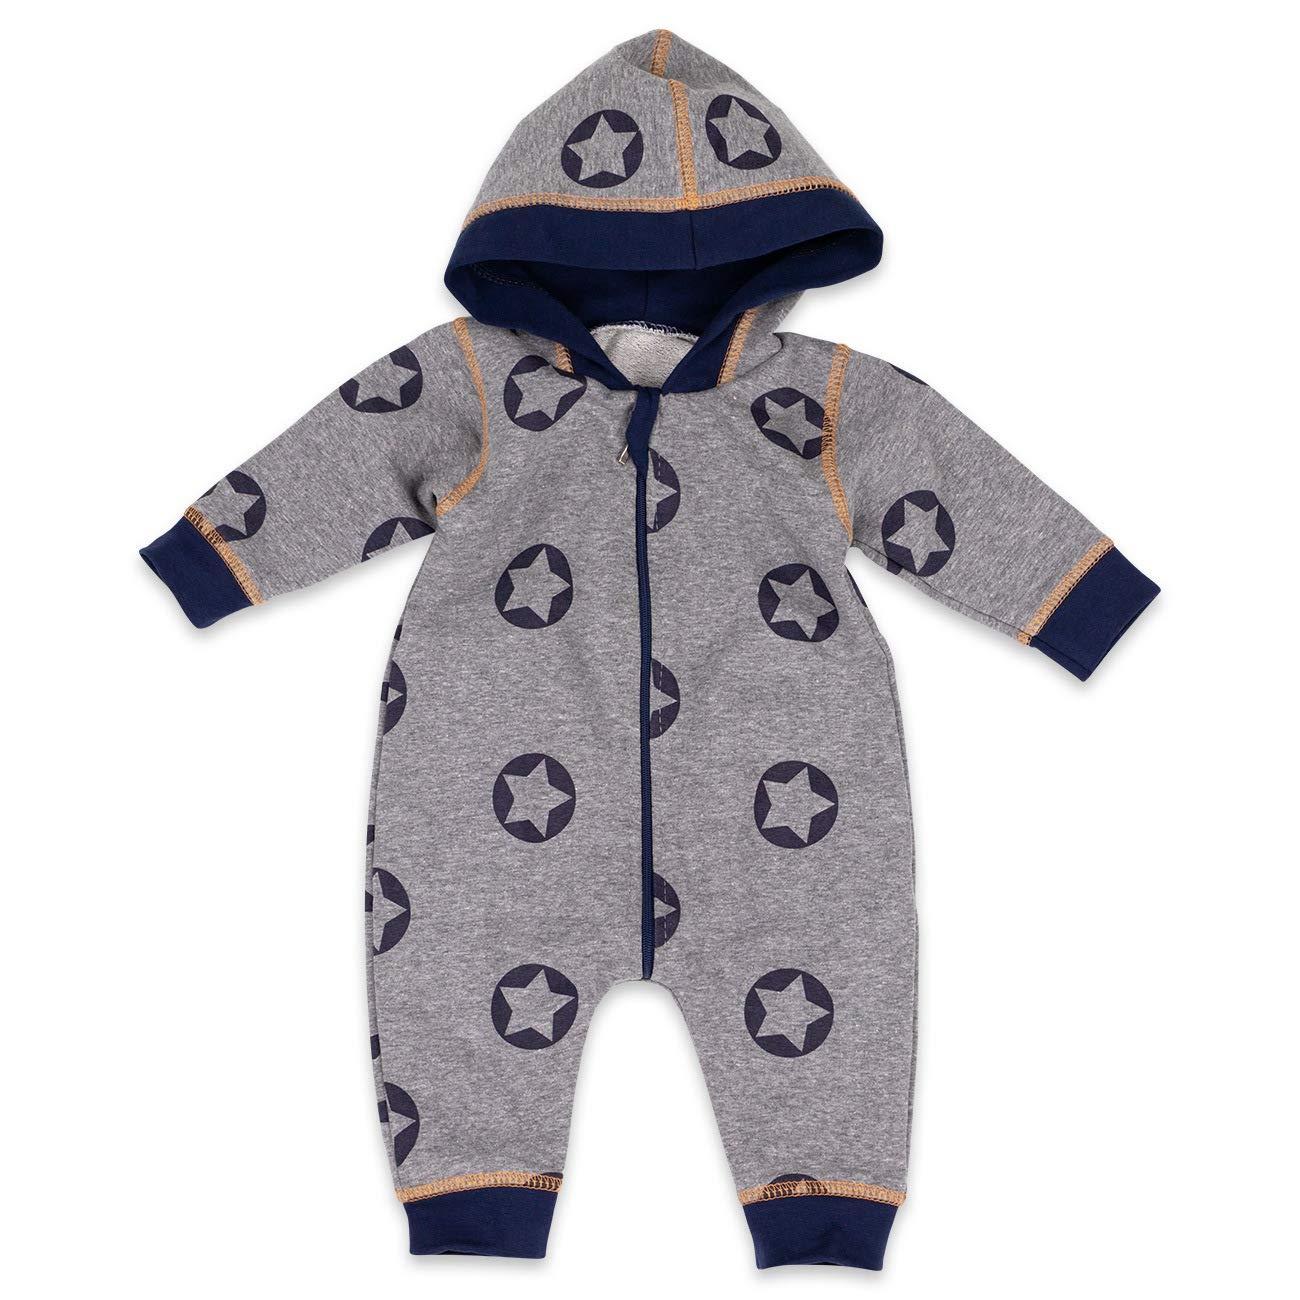 Baby Sweets Overall Jungen grau blau | Motiv: Sterne | Babystrampler mit Kapuze für Neugeborene & Kleinkinder | Größe: 1 Monat (56)